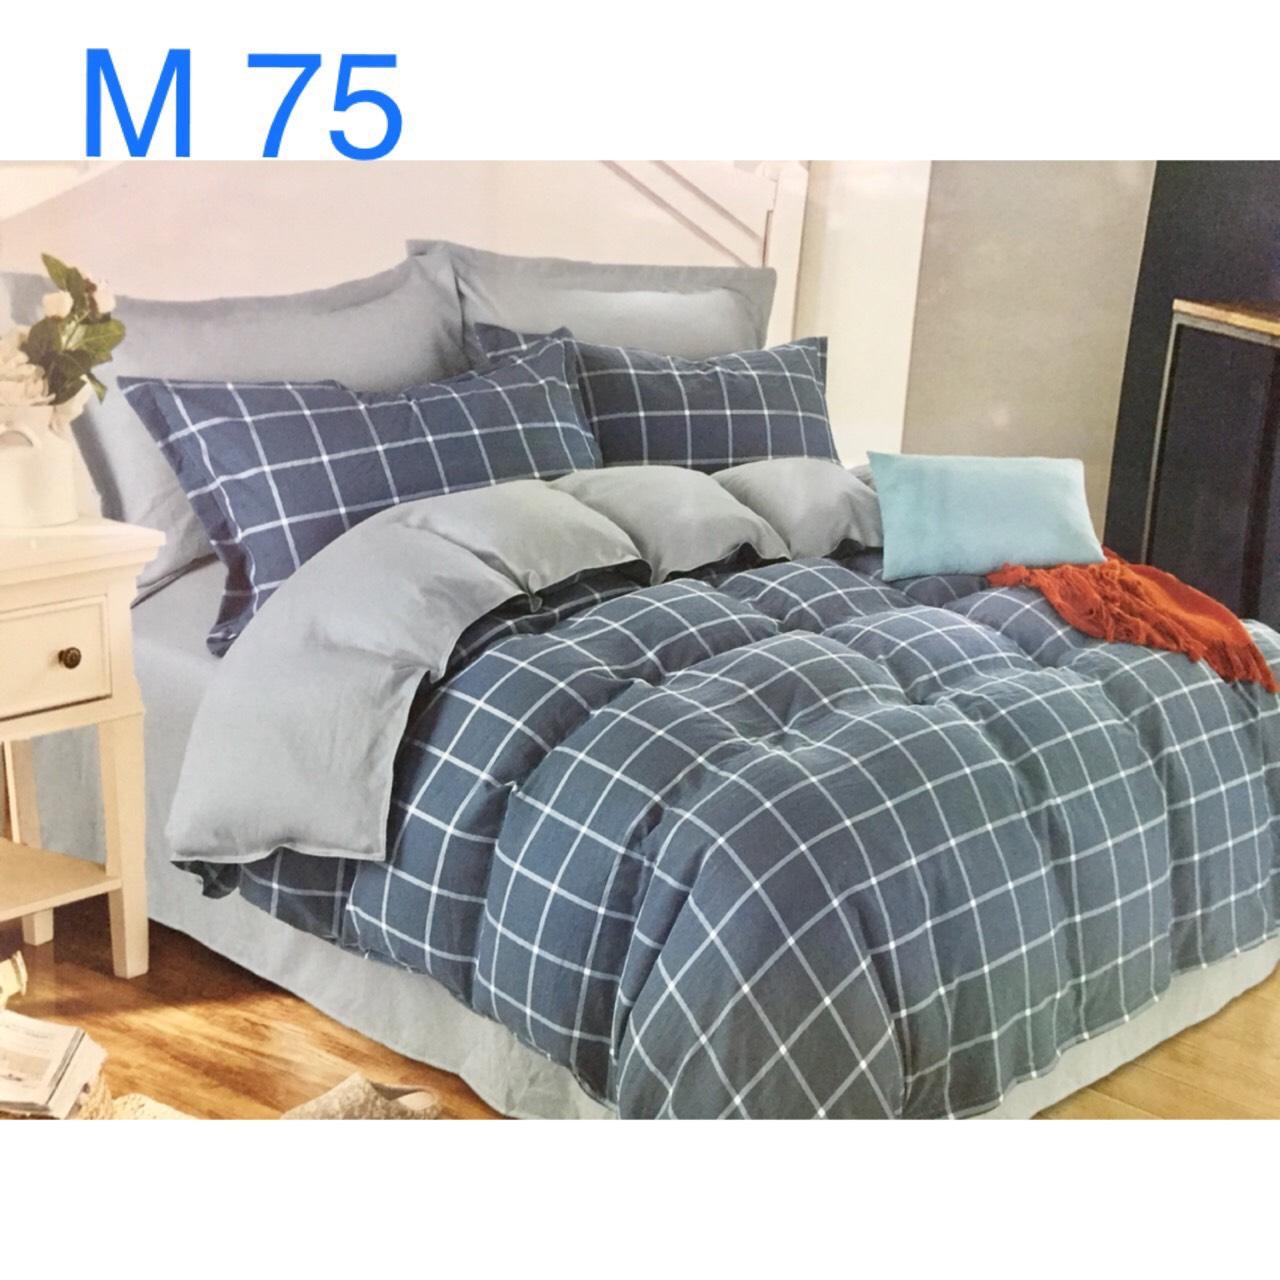 Bộ Chăn Ga Cotton Đũi Loại 1 Hàn Quốc - M75